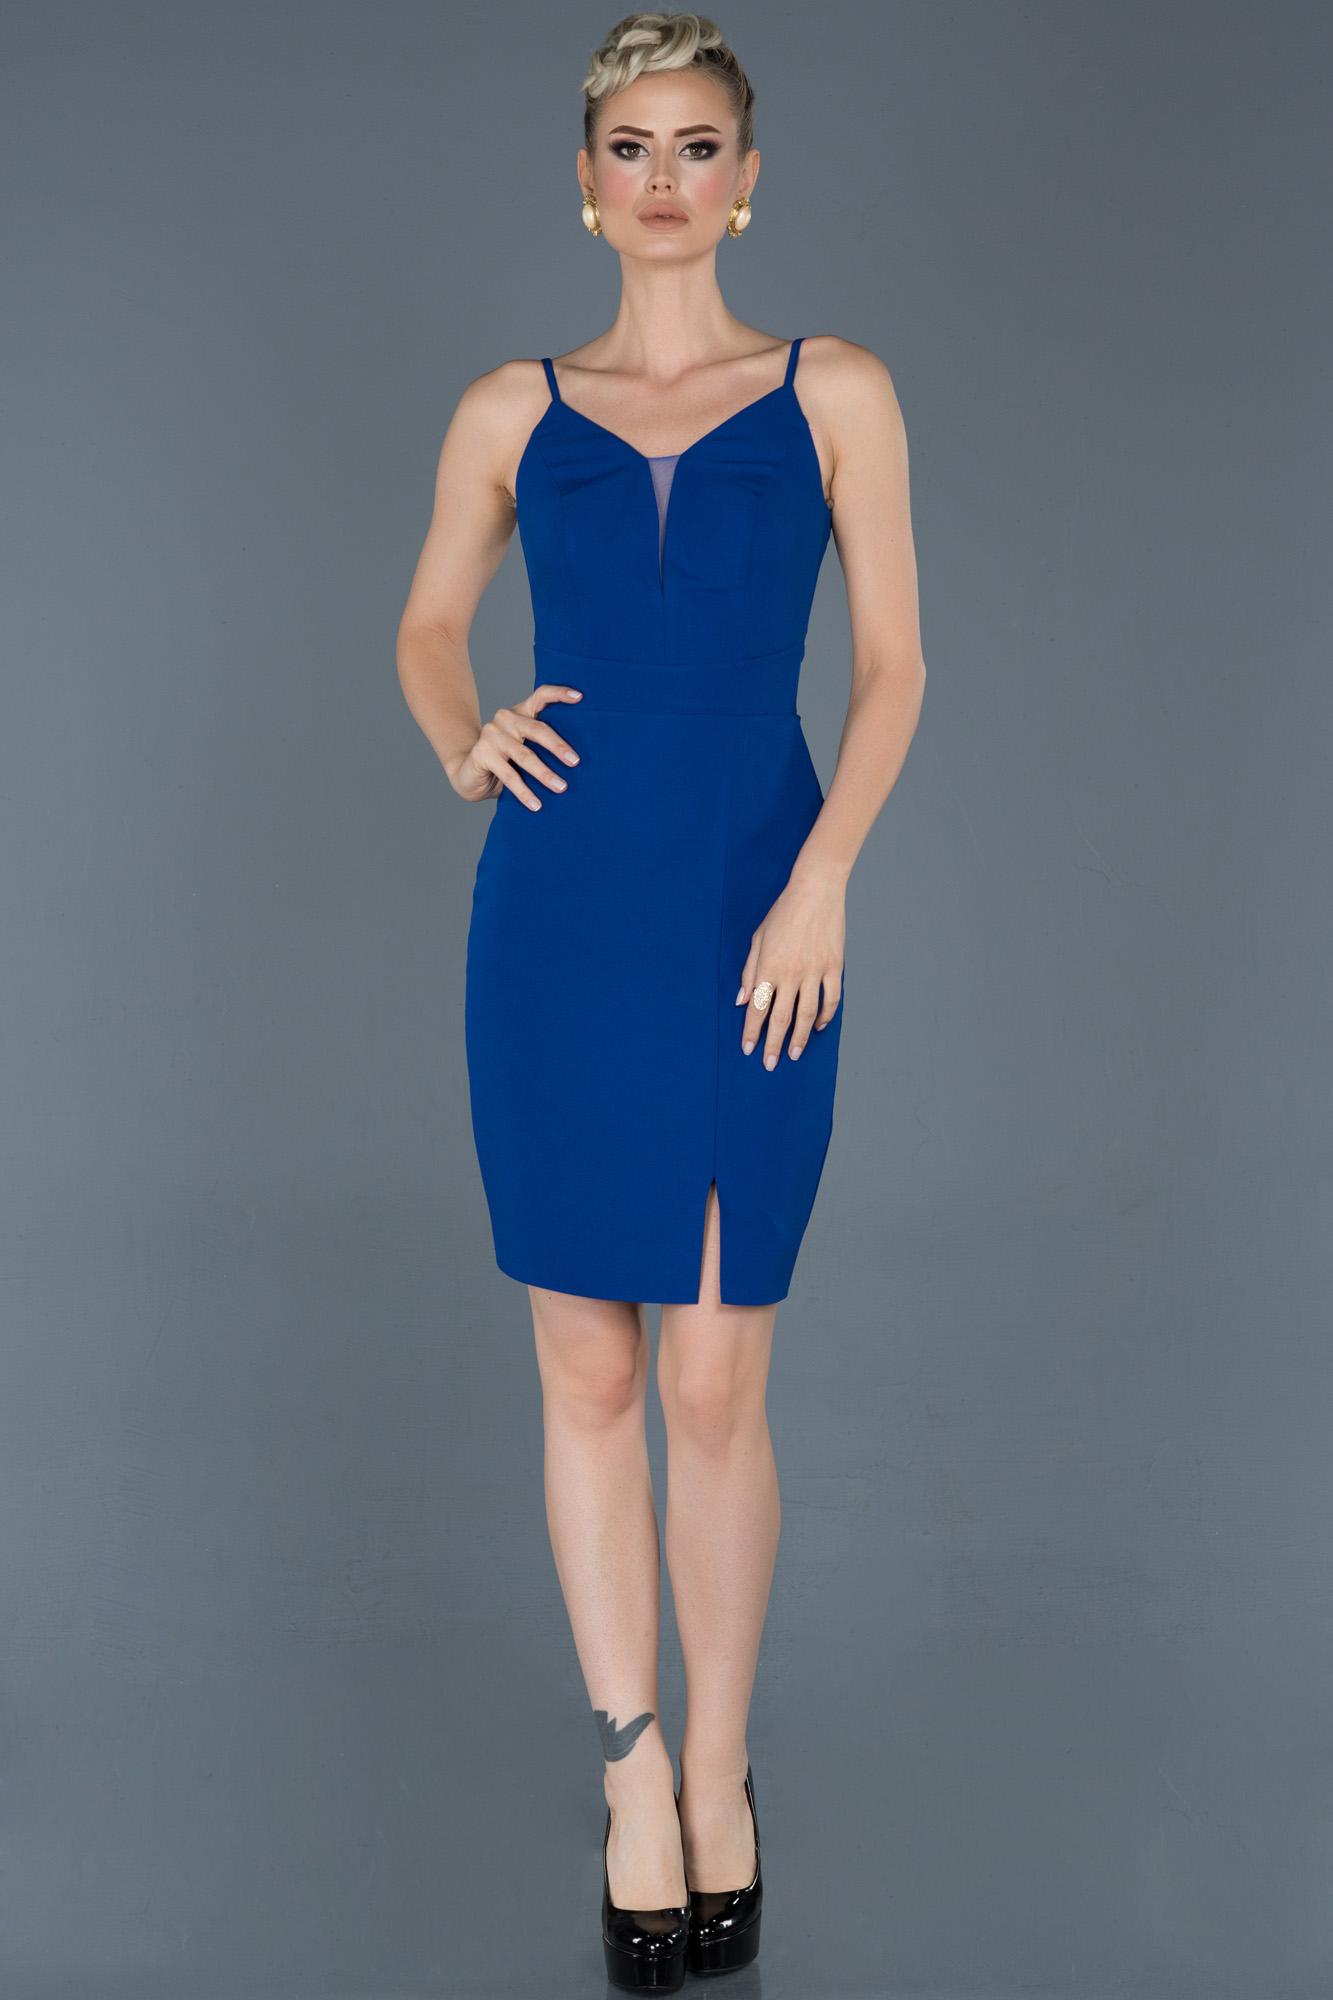 Saks Mavi Kısa Ip Askılı Davet Elbisesi